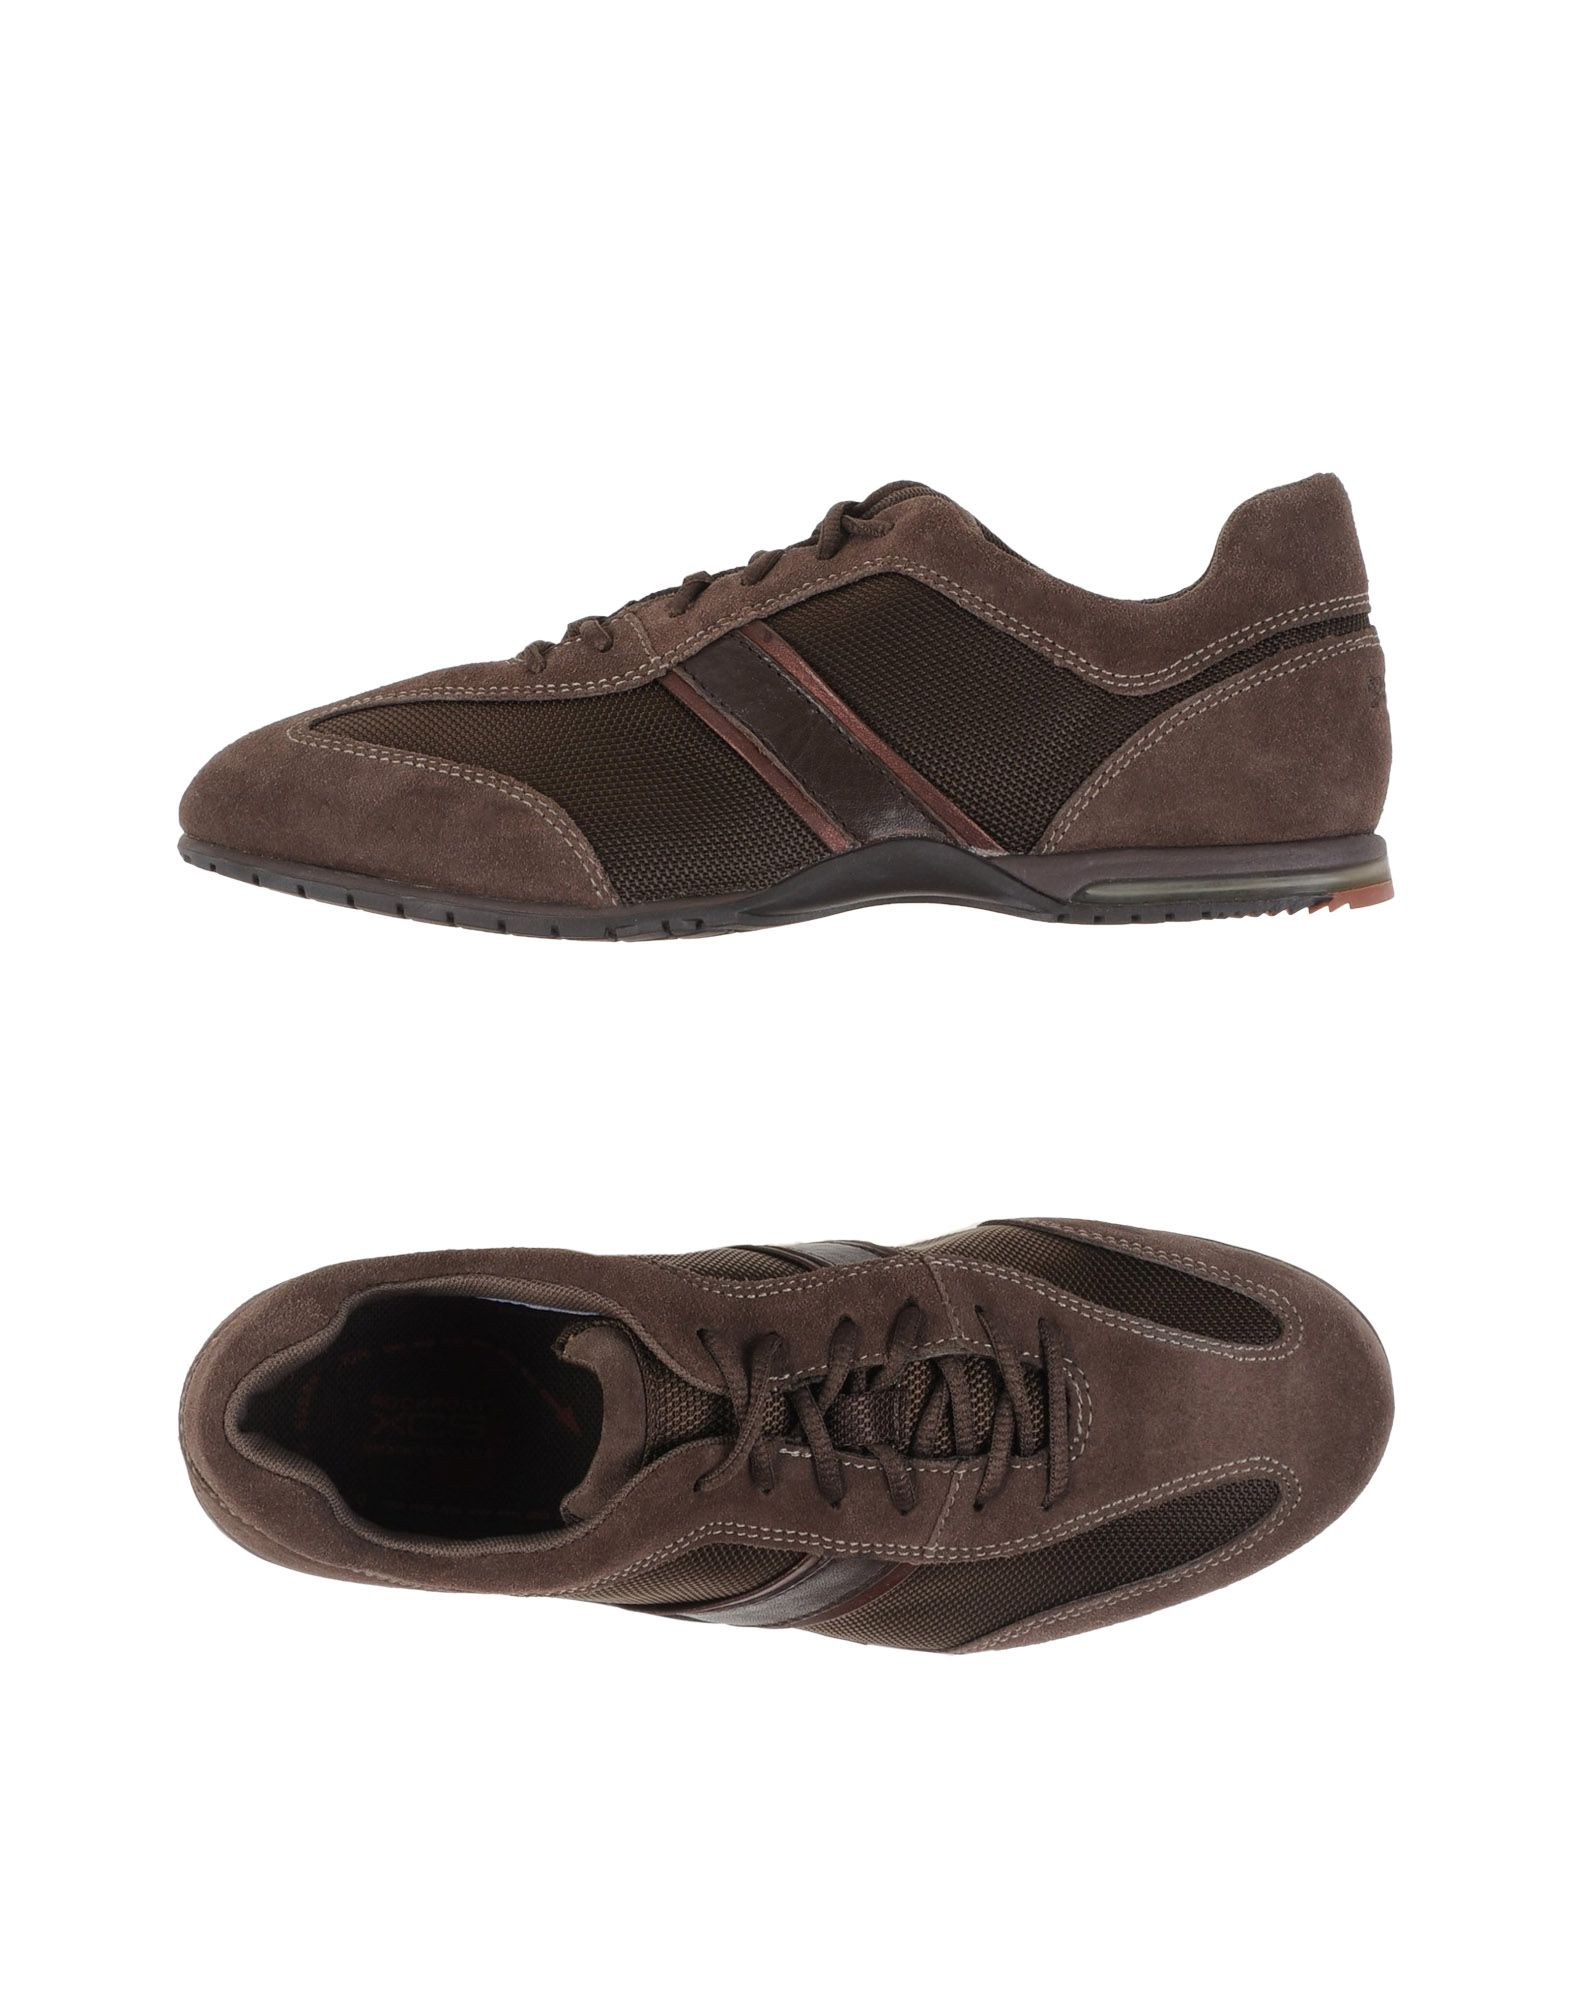 Rabatt echte  Schuhe Rockport Sneakers Herren  echte 11092677UC d22271